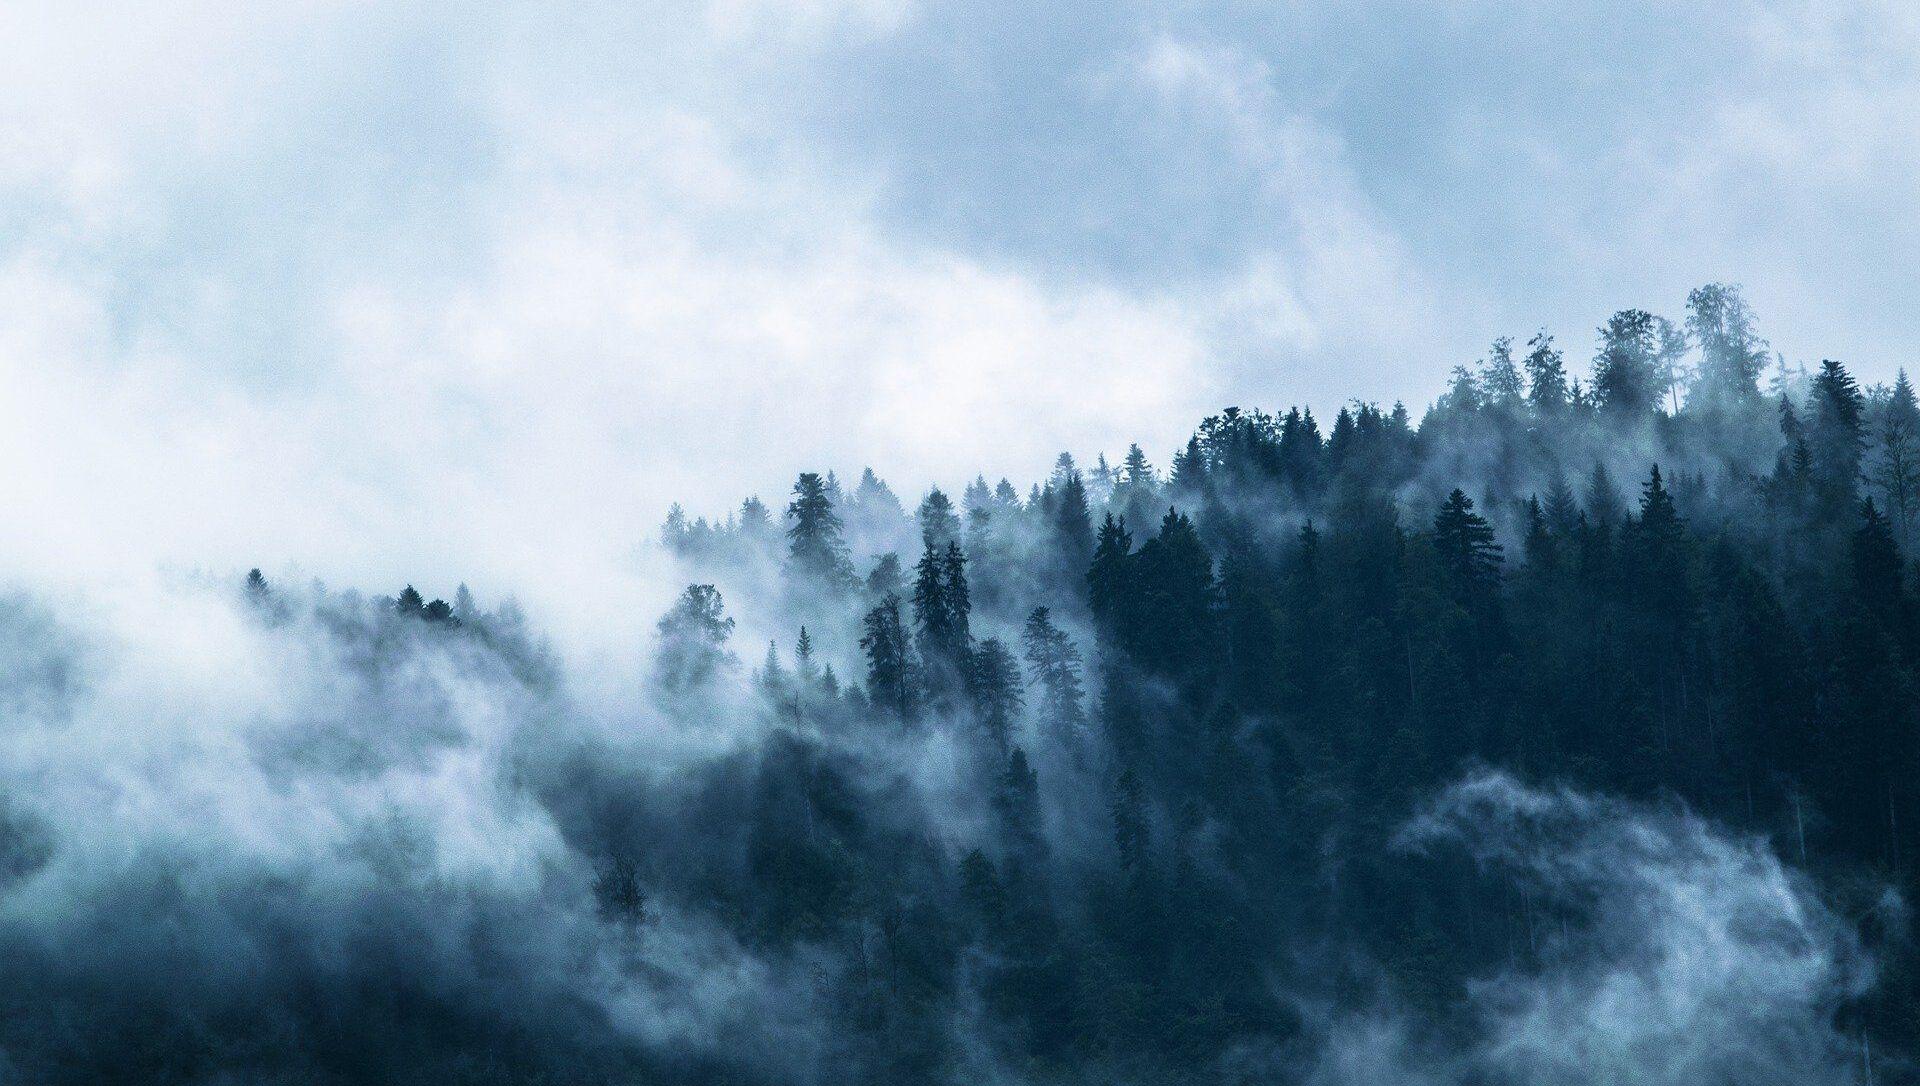 Forêt en brouillard - Sputnik France, 1920, 29.07.2021